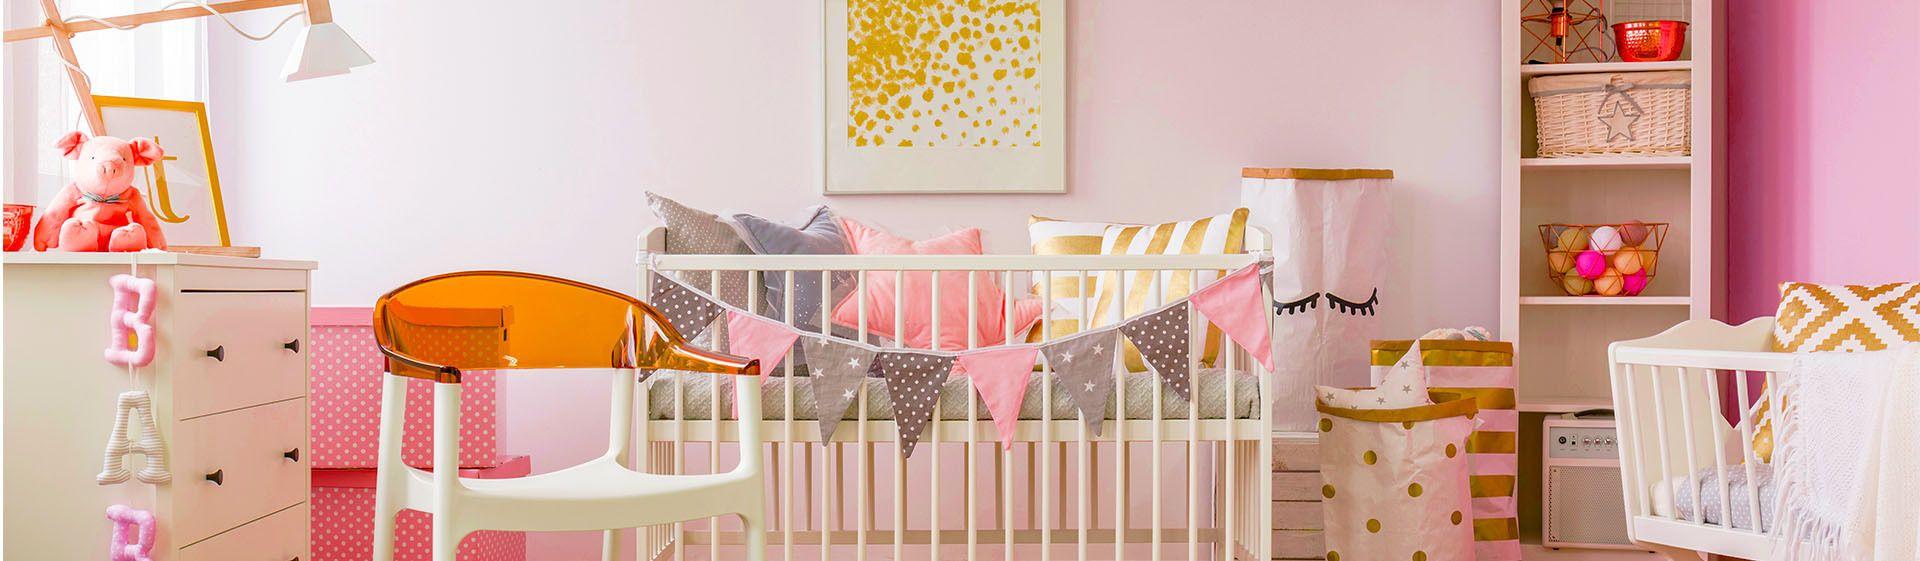 Quarto de bebê completo: da babá eletrônica à decoração